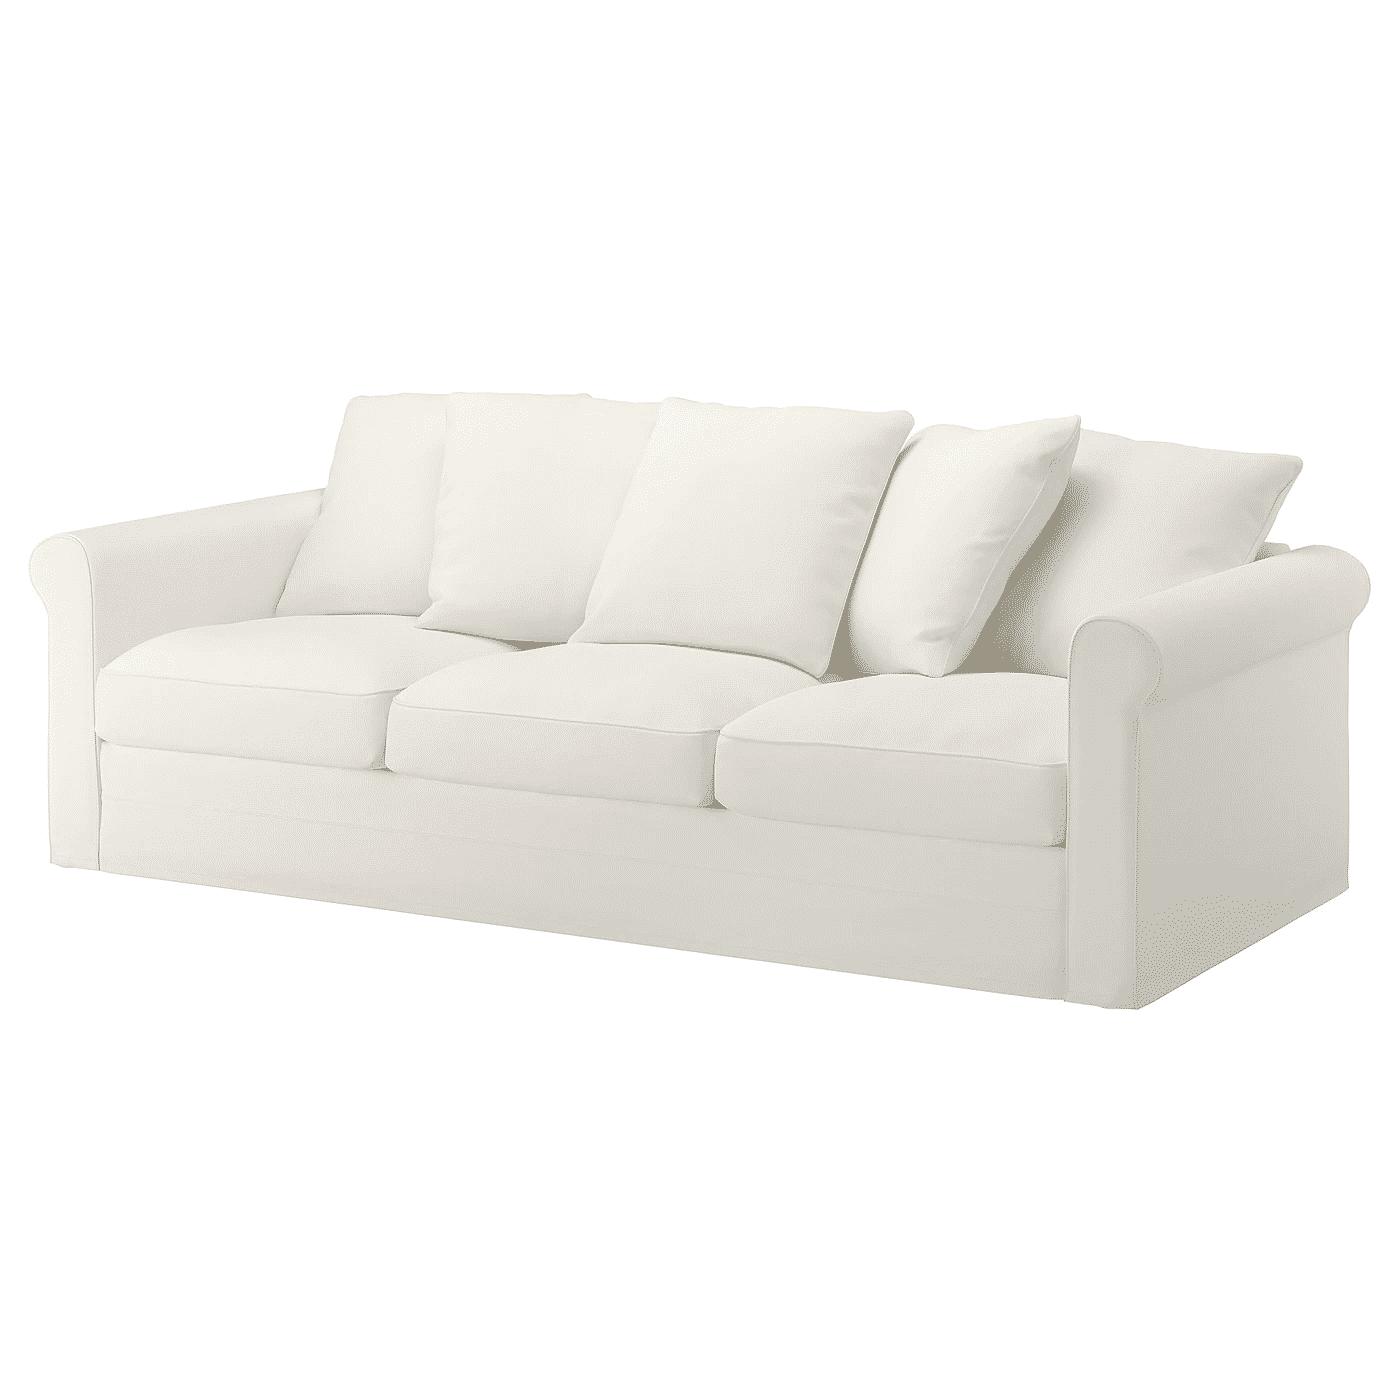 GRONLID Sofa